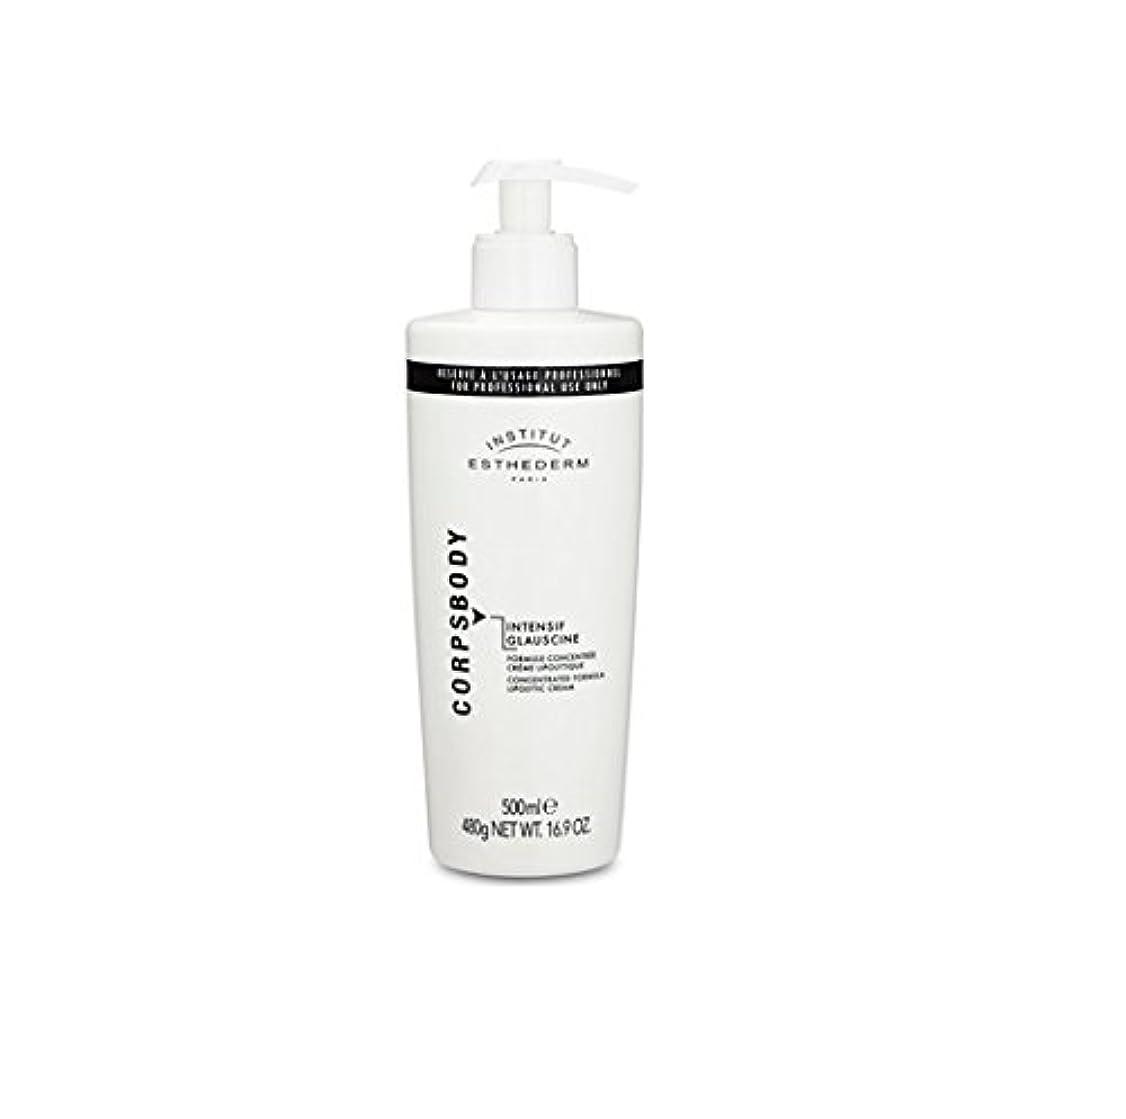 怒り署名乳剤エステダム(ESTHEDERM)インテンシブ G クリーム 業務用 500ml(ボディ用クリーム)